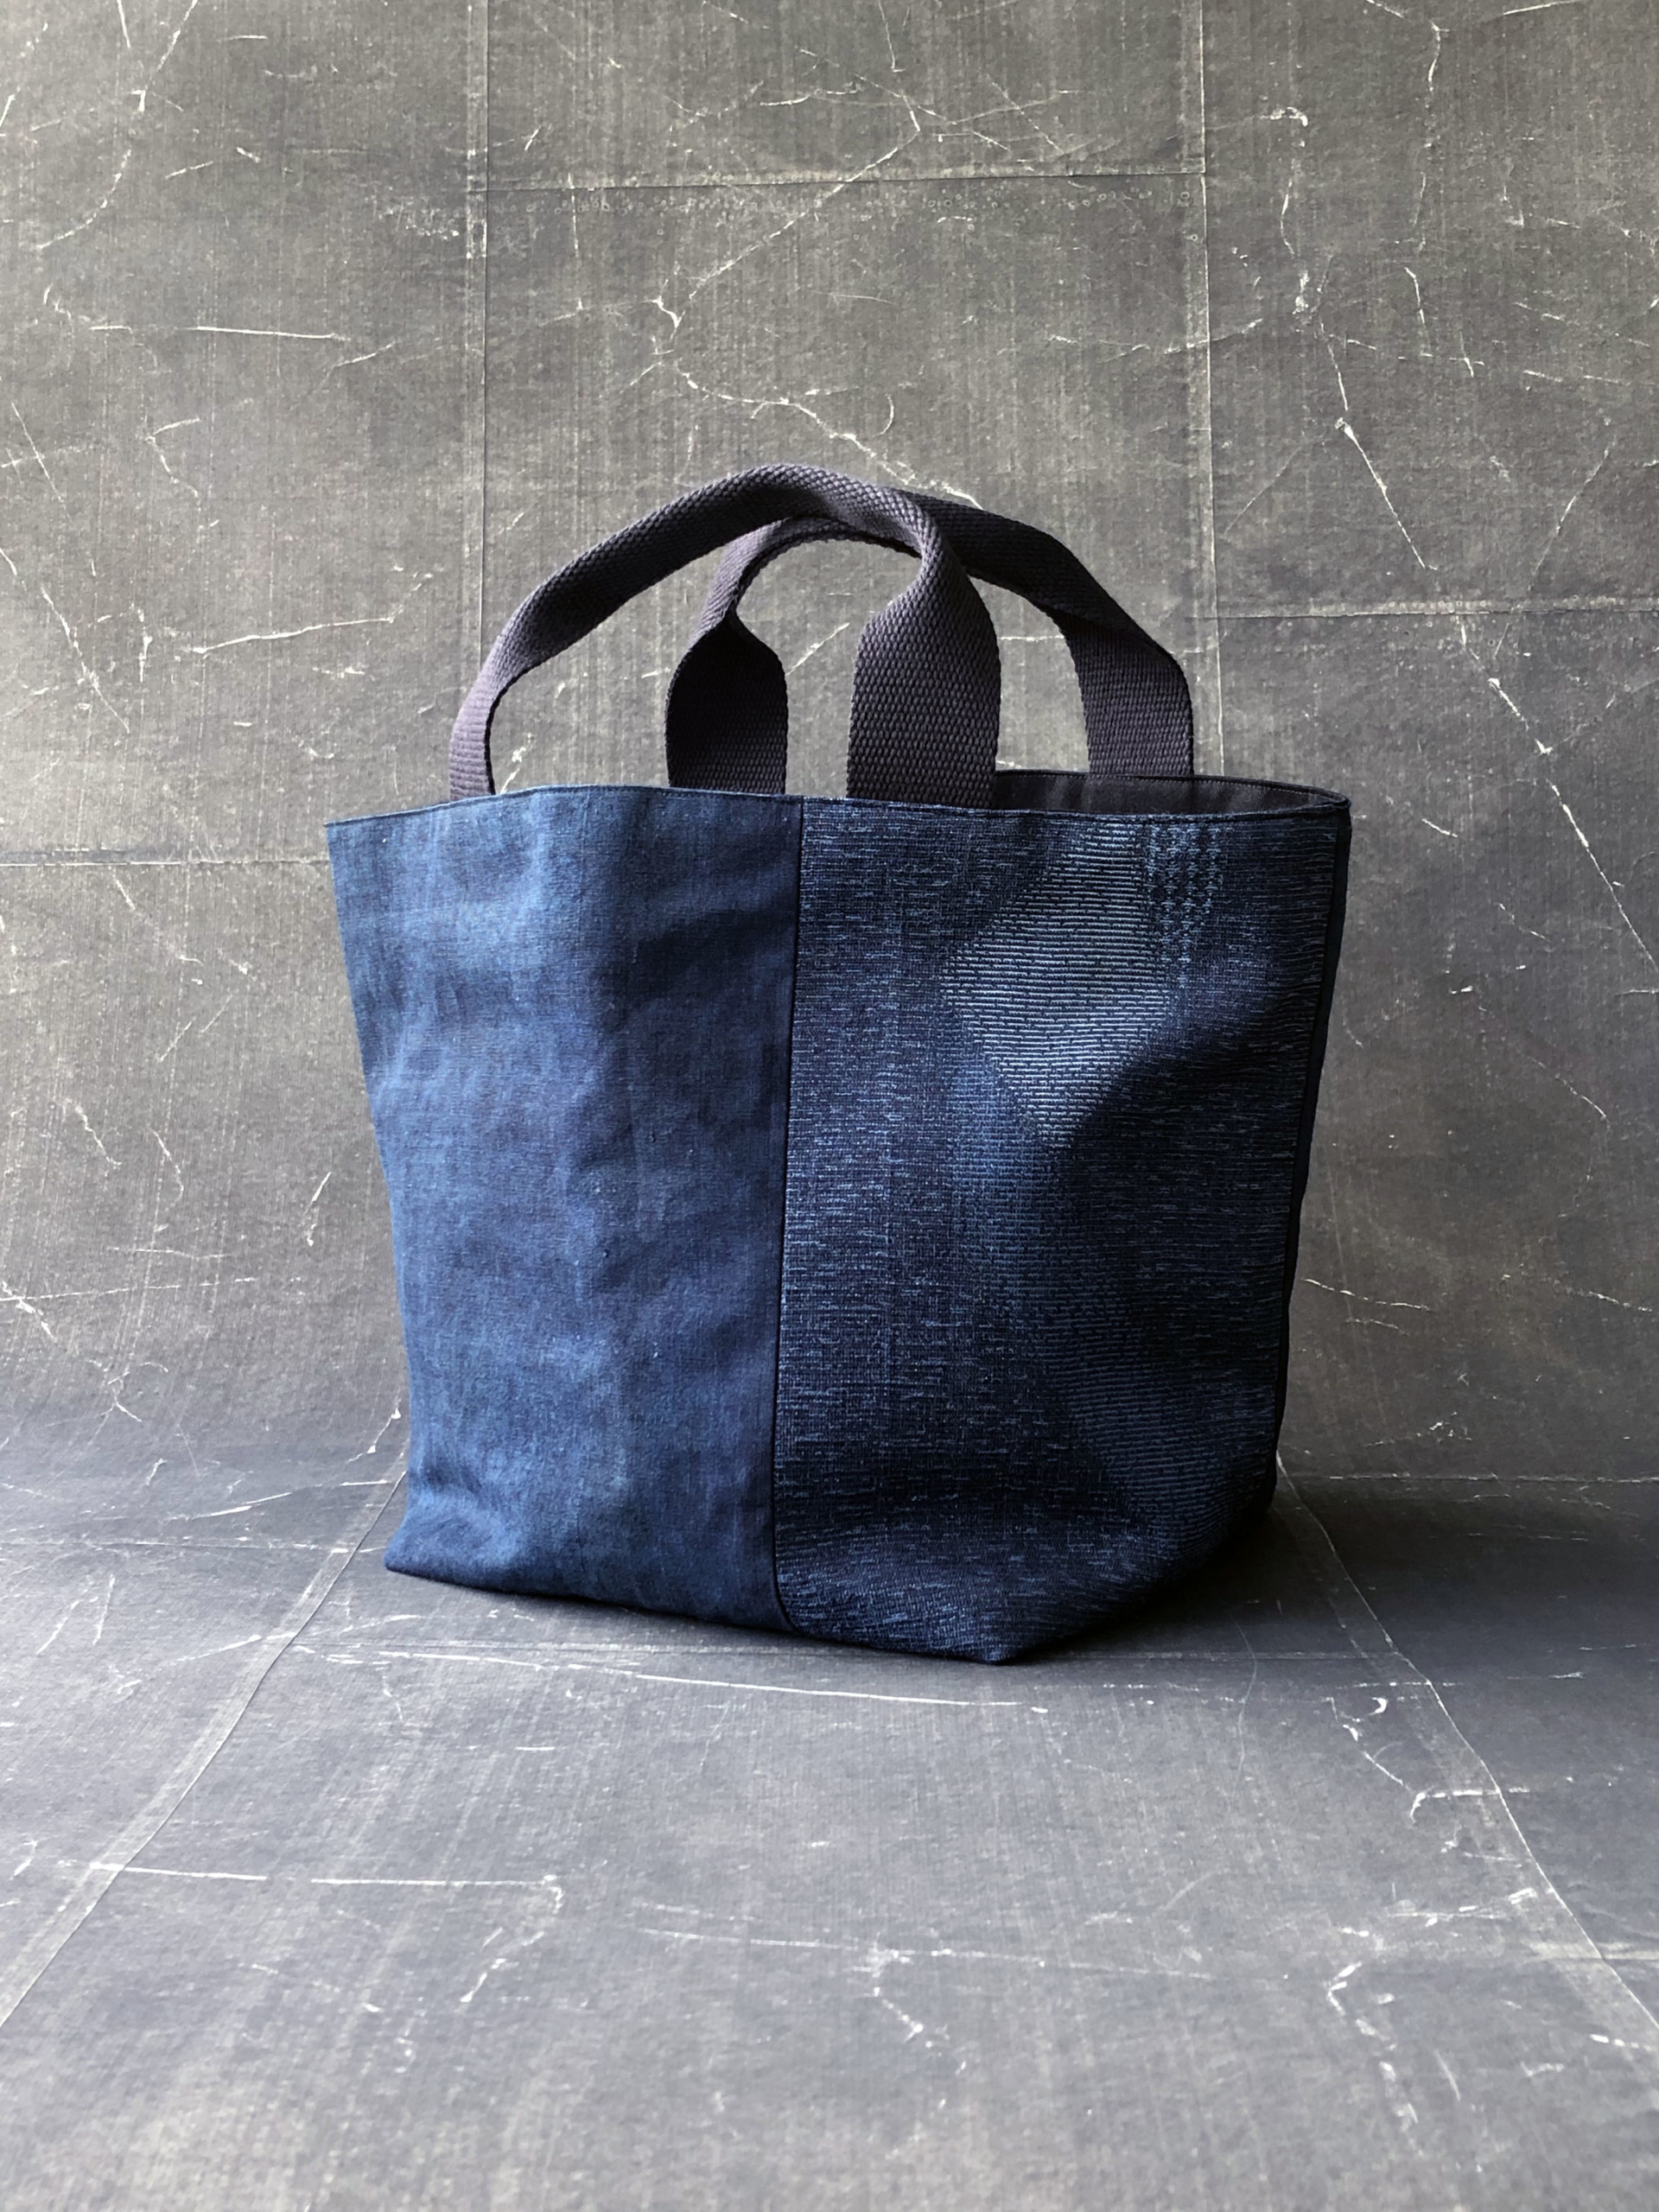 sac-coton-indigo-fait-main-artisanat-local-valerie-hangel-carouge